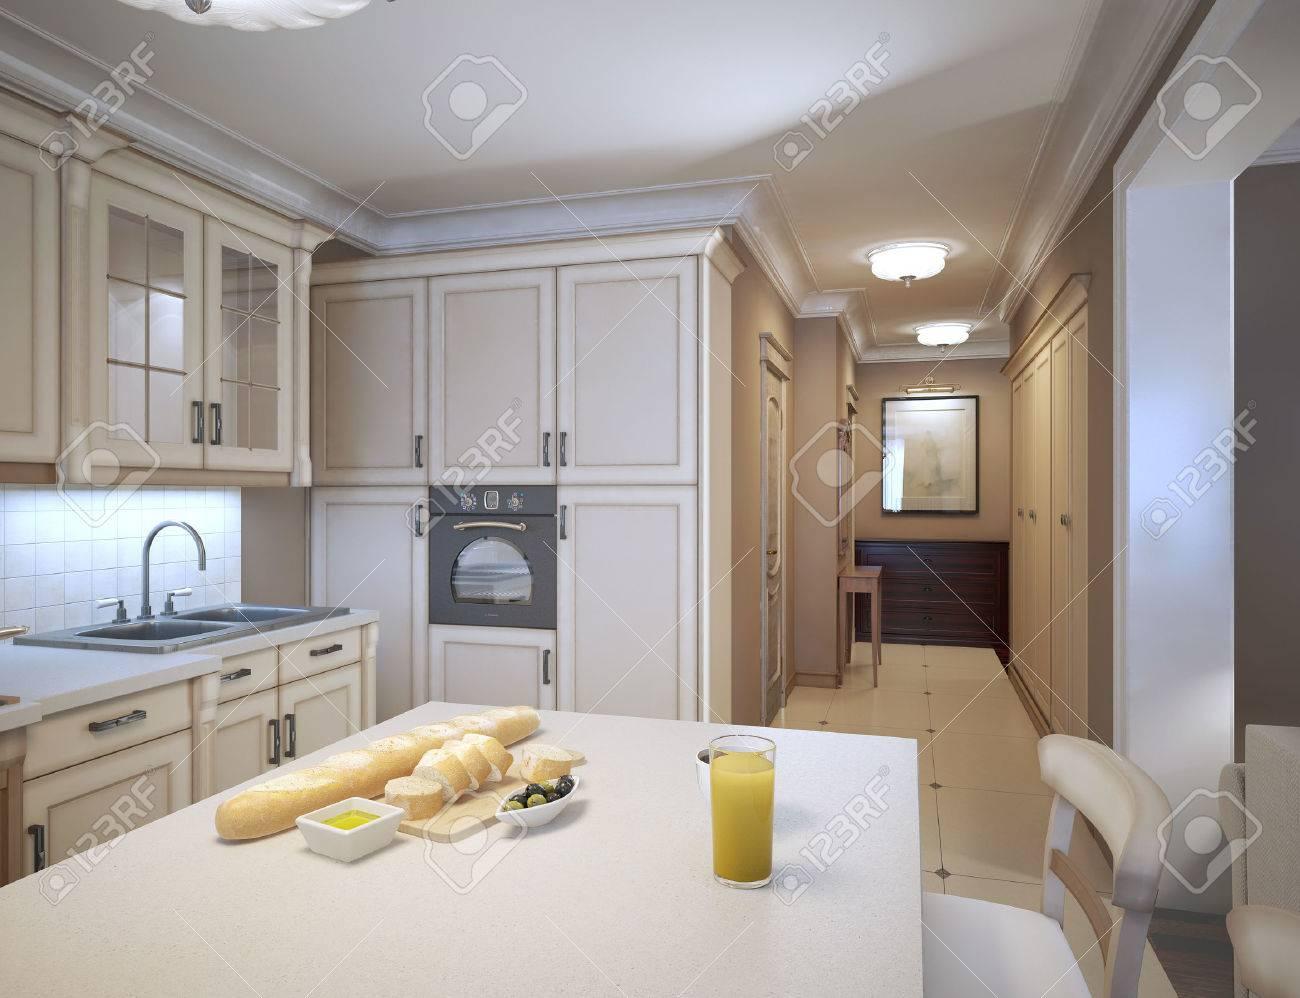 Weiße Küche Art-Deco-Stil. Design-Ideen Für Eine Traditionelle Küche ...